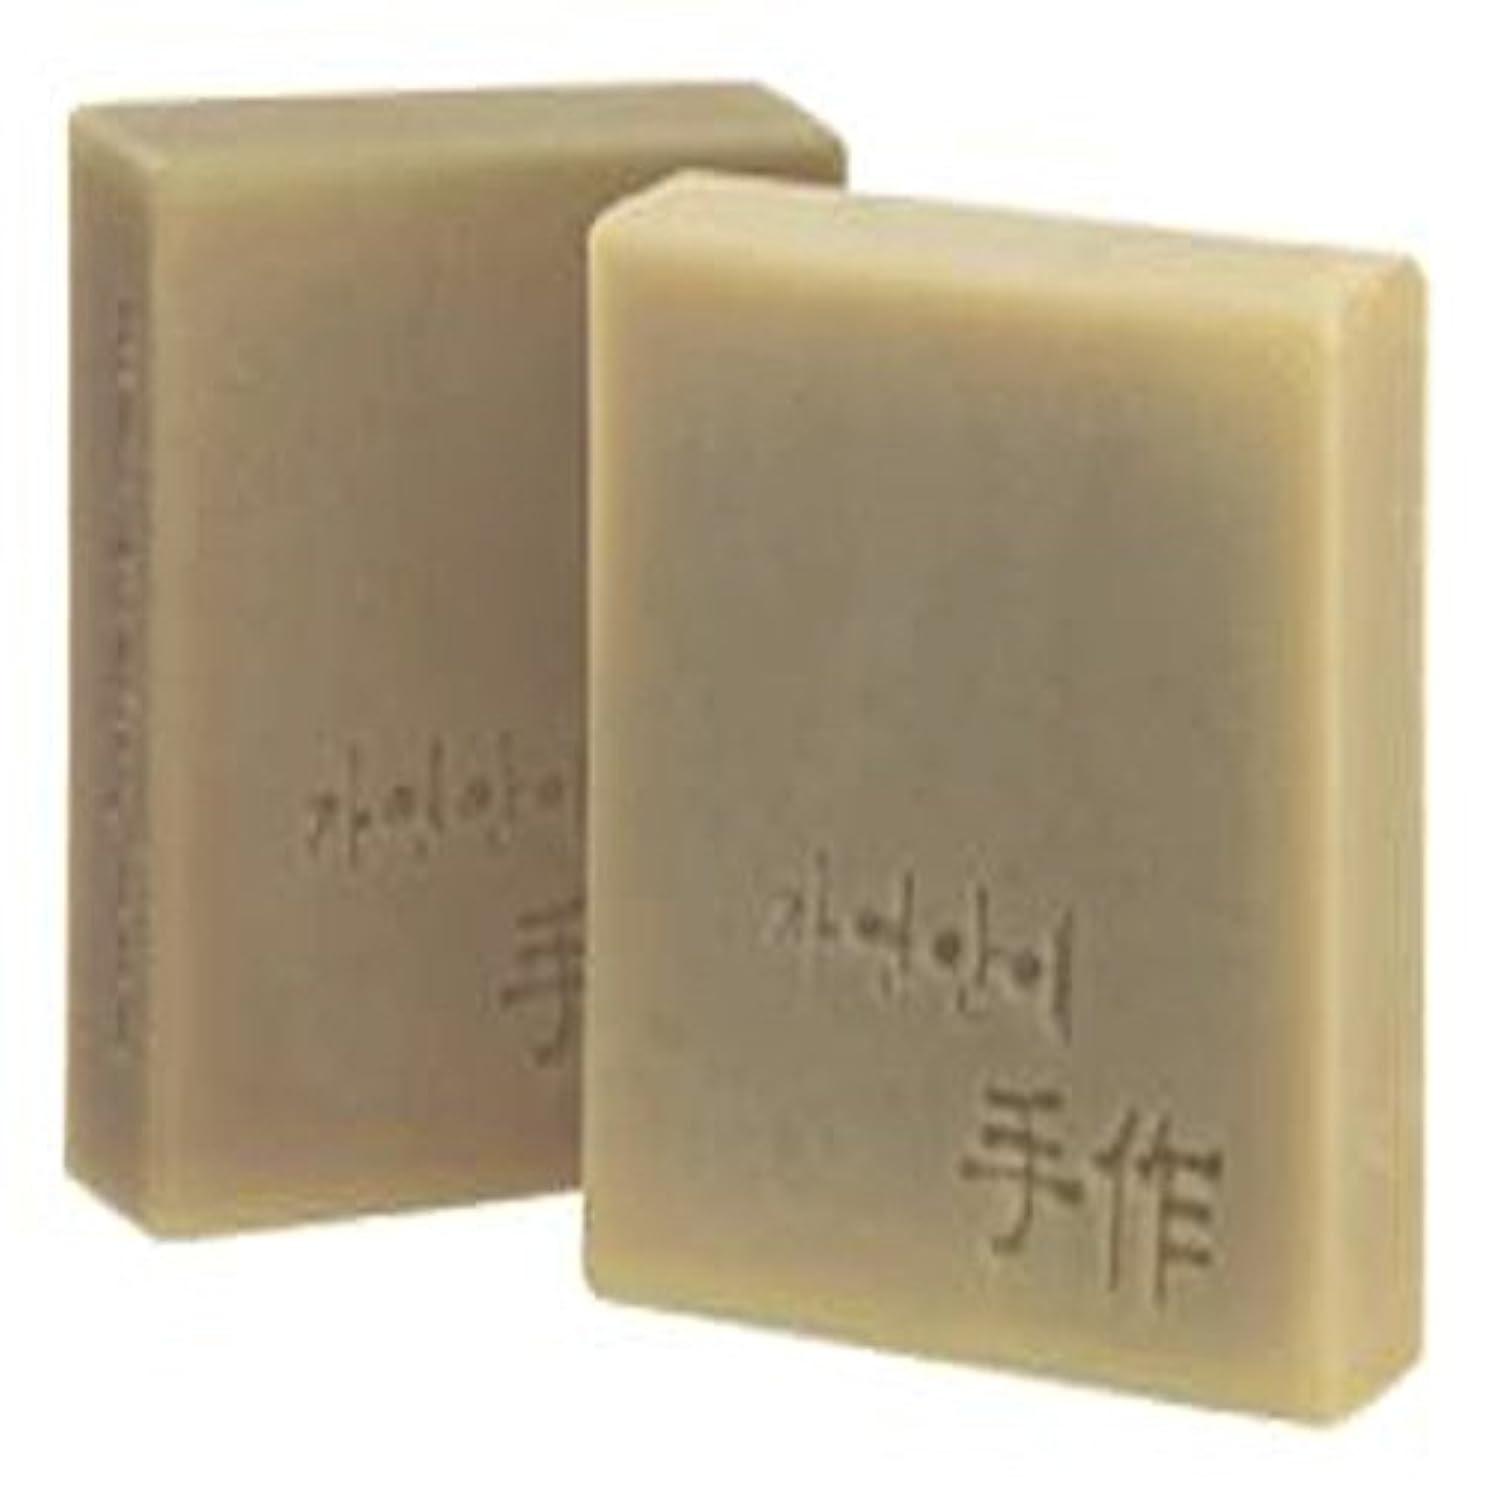 現金雇用者取り囲むNatural organic 有機天然ソープ 固形 無添加 洗顔せっけん [並行輸入品] (SousAre)